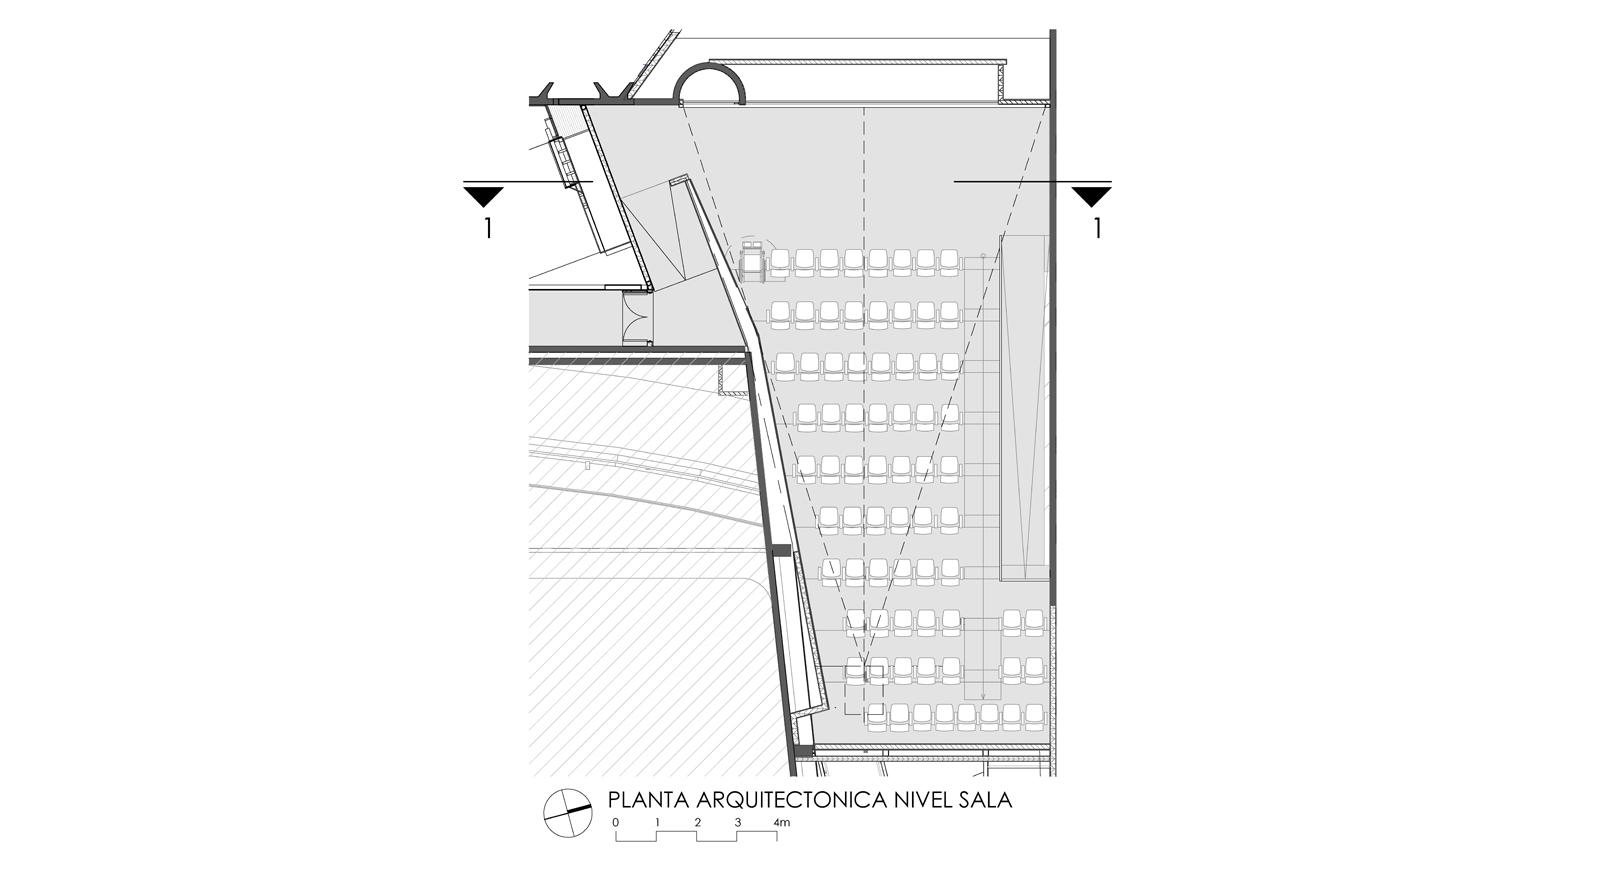 02 MAGALY PLANTA SALA